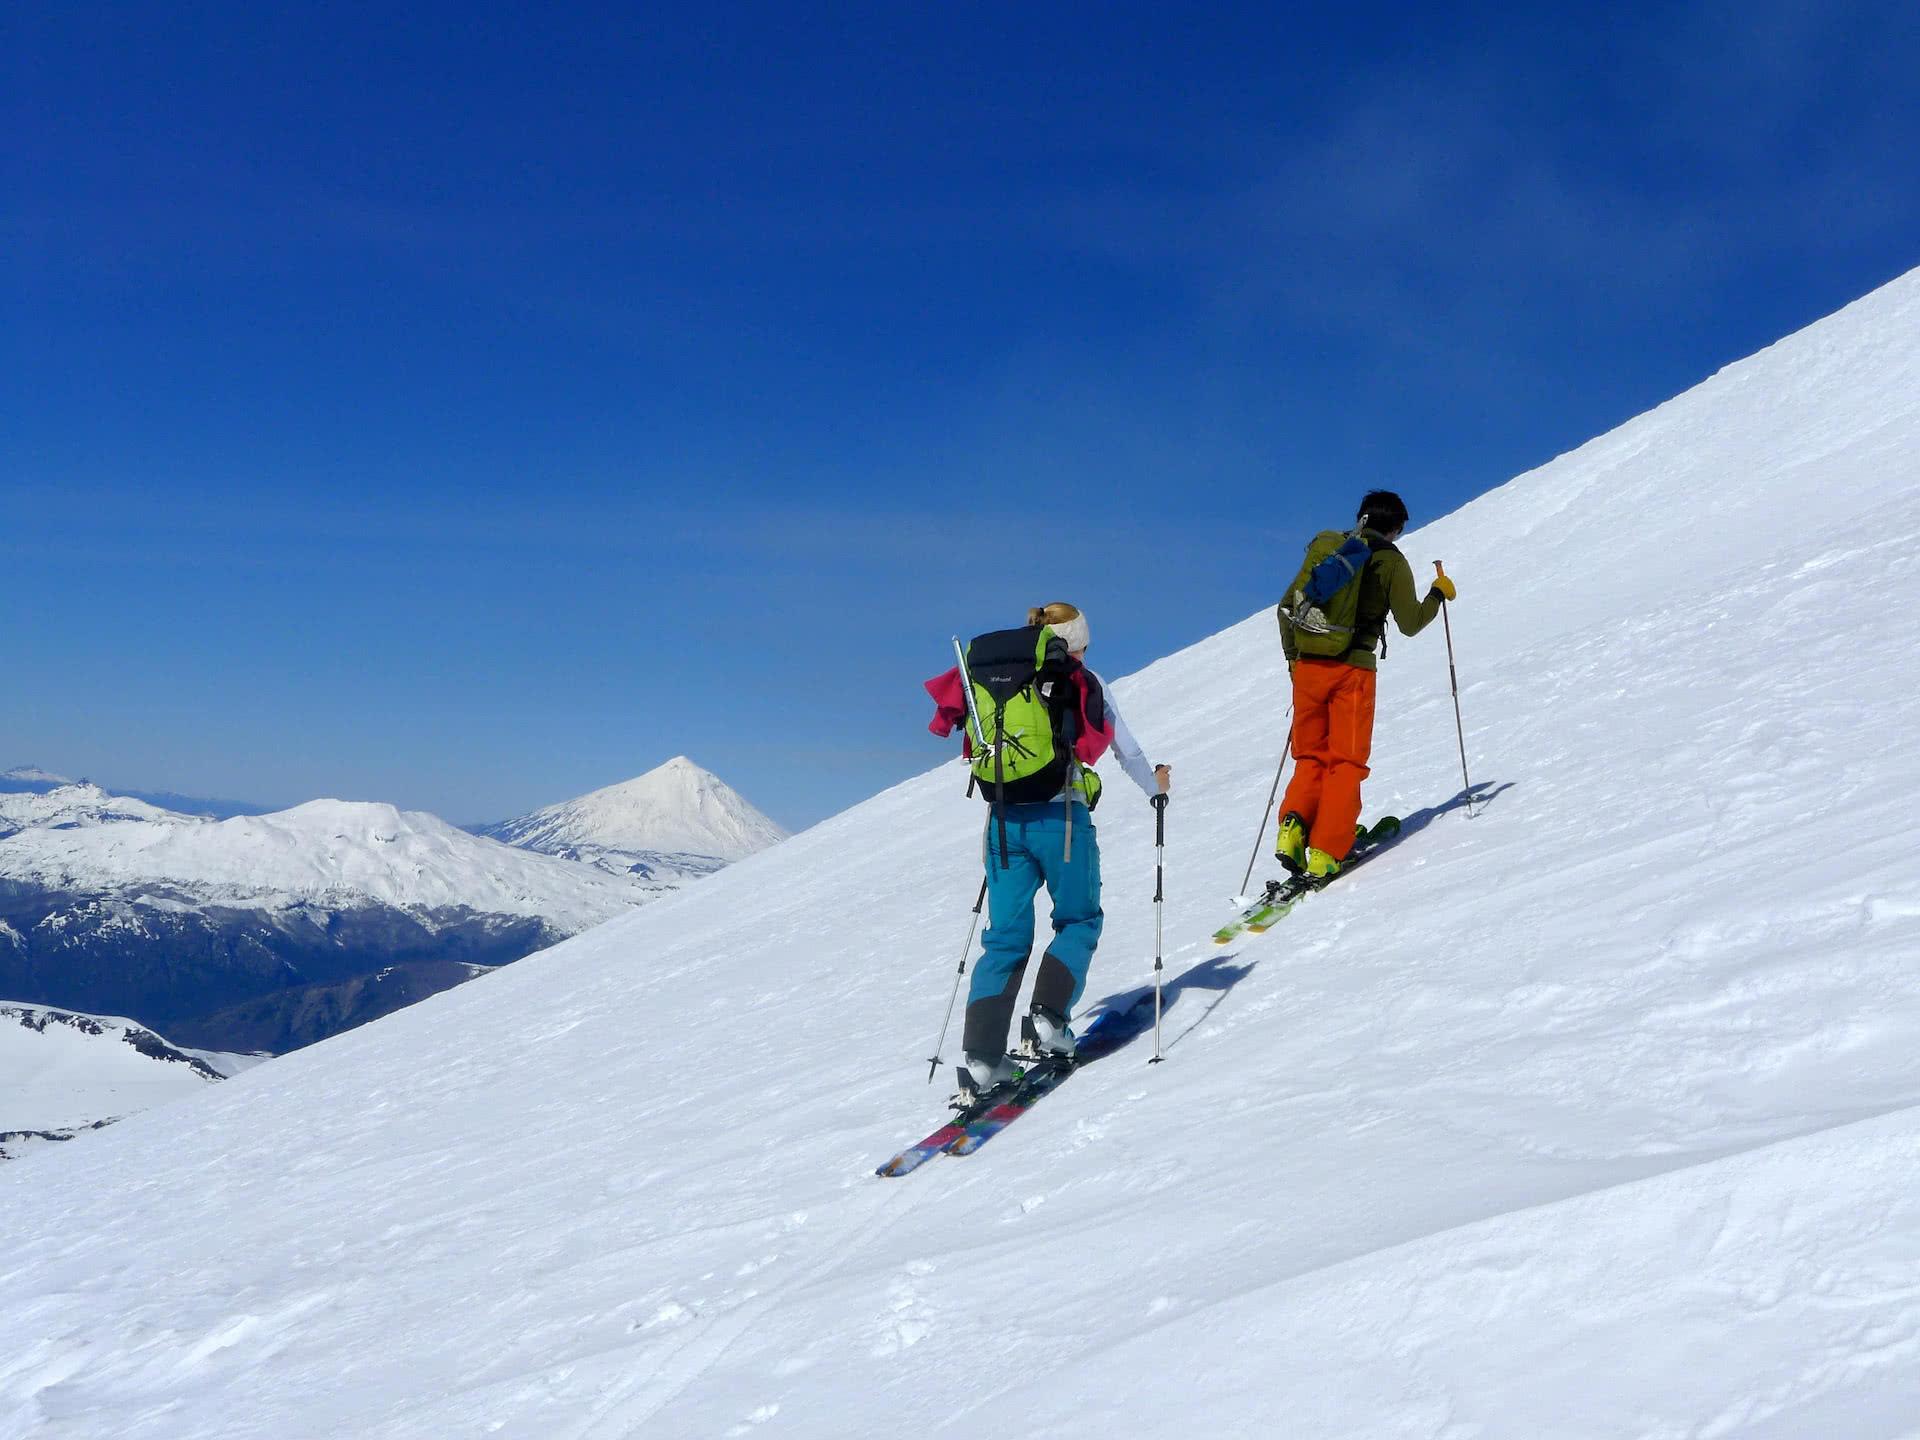 Skinning mountain with snow ski touring